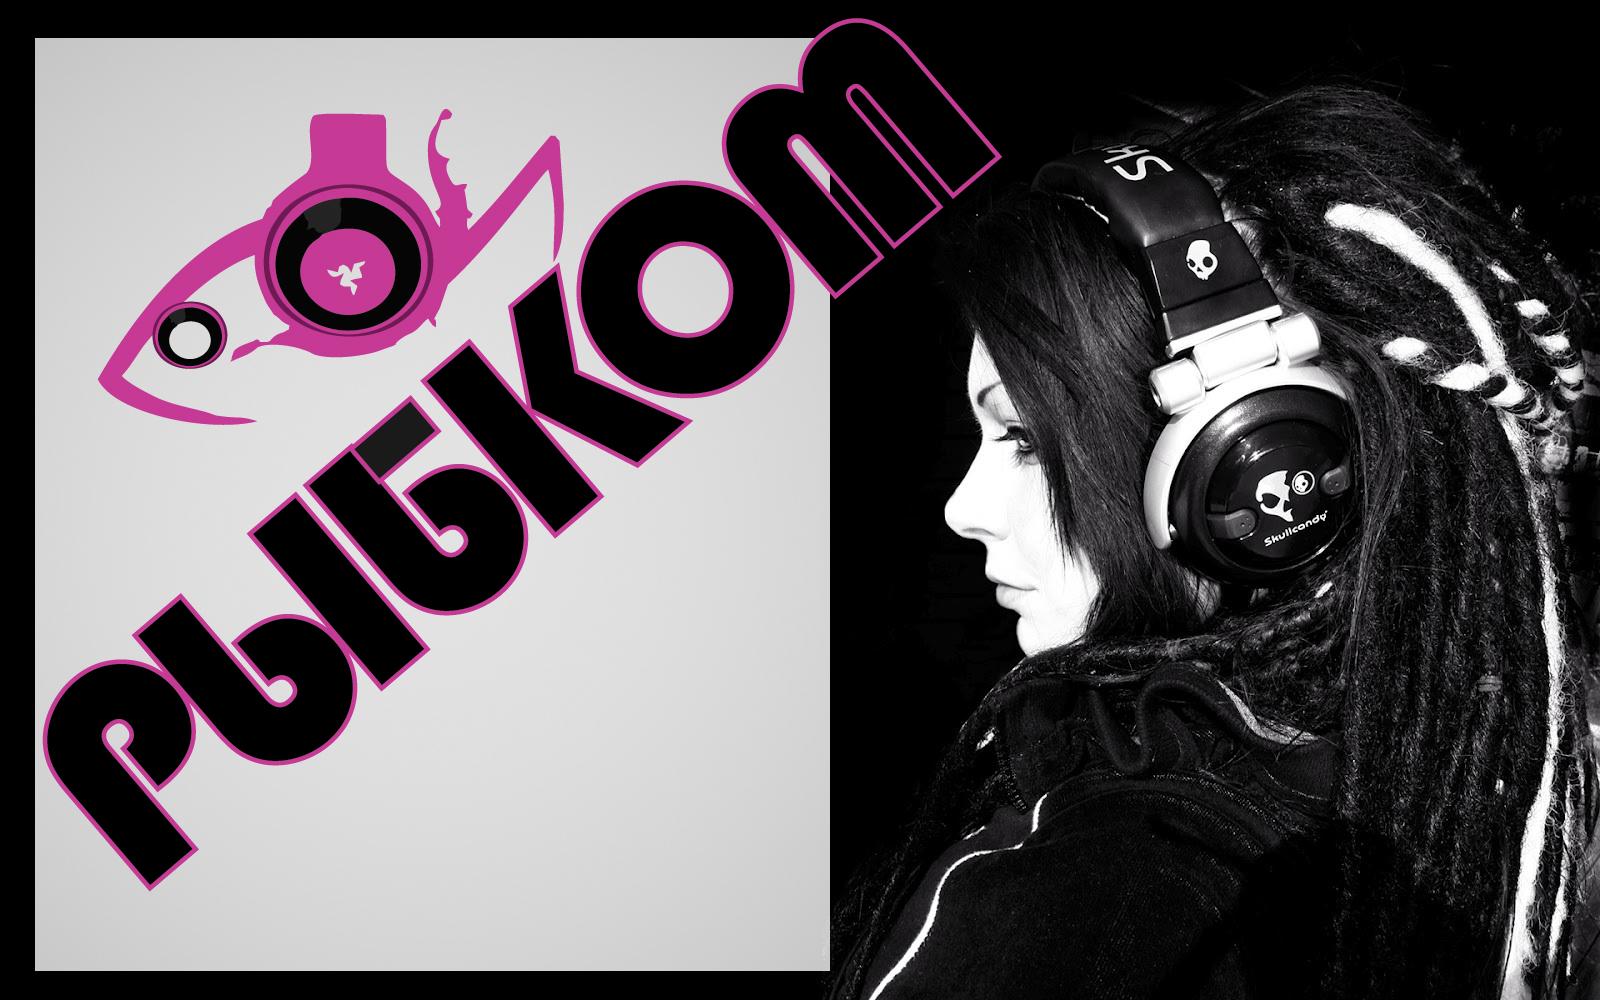 Создание логотипа и брэндбука для компании РЫБКОМ фото f_7295c099de2823e3.jpg